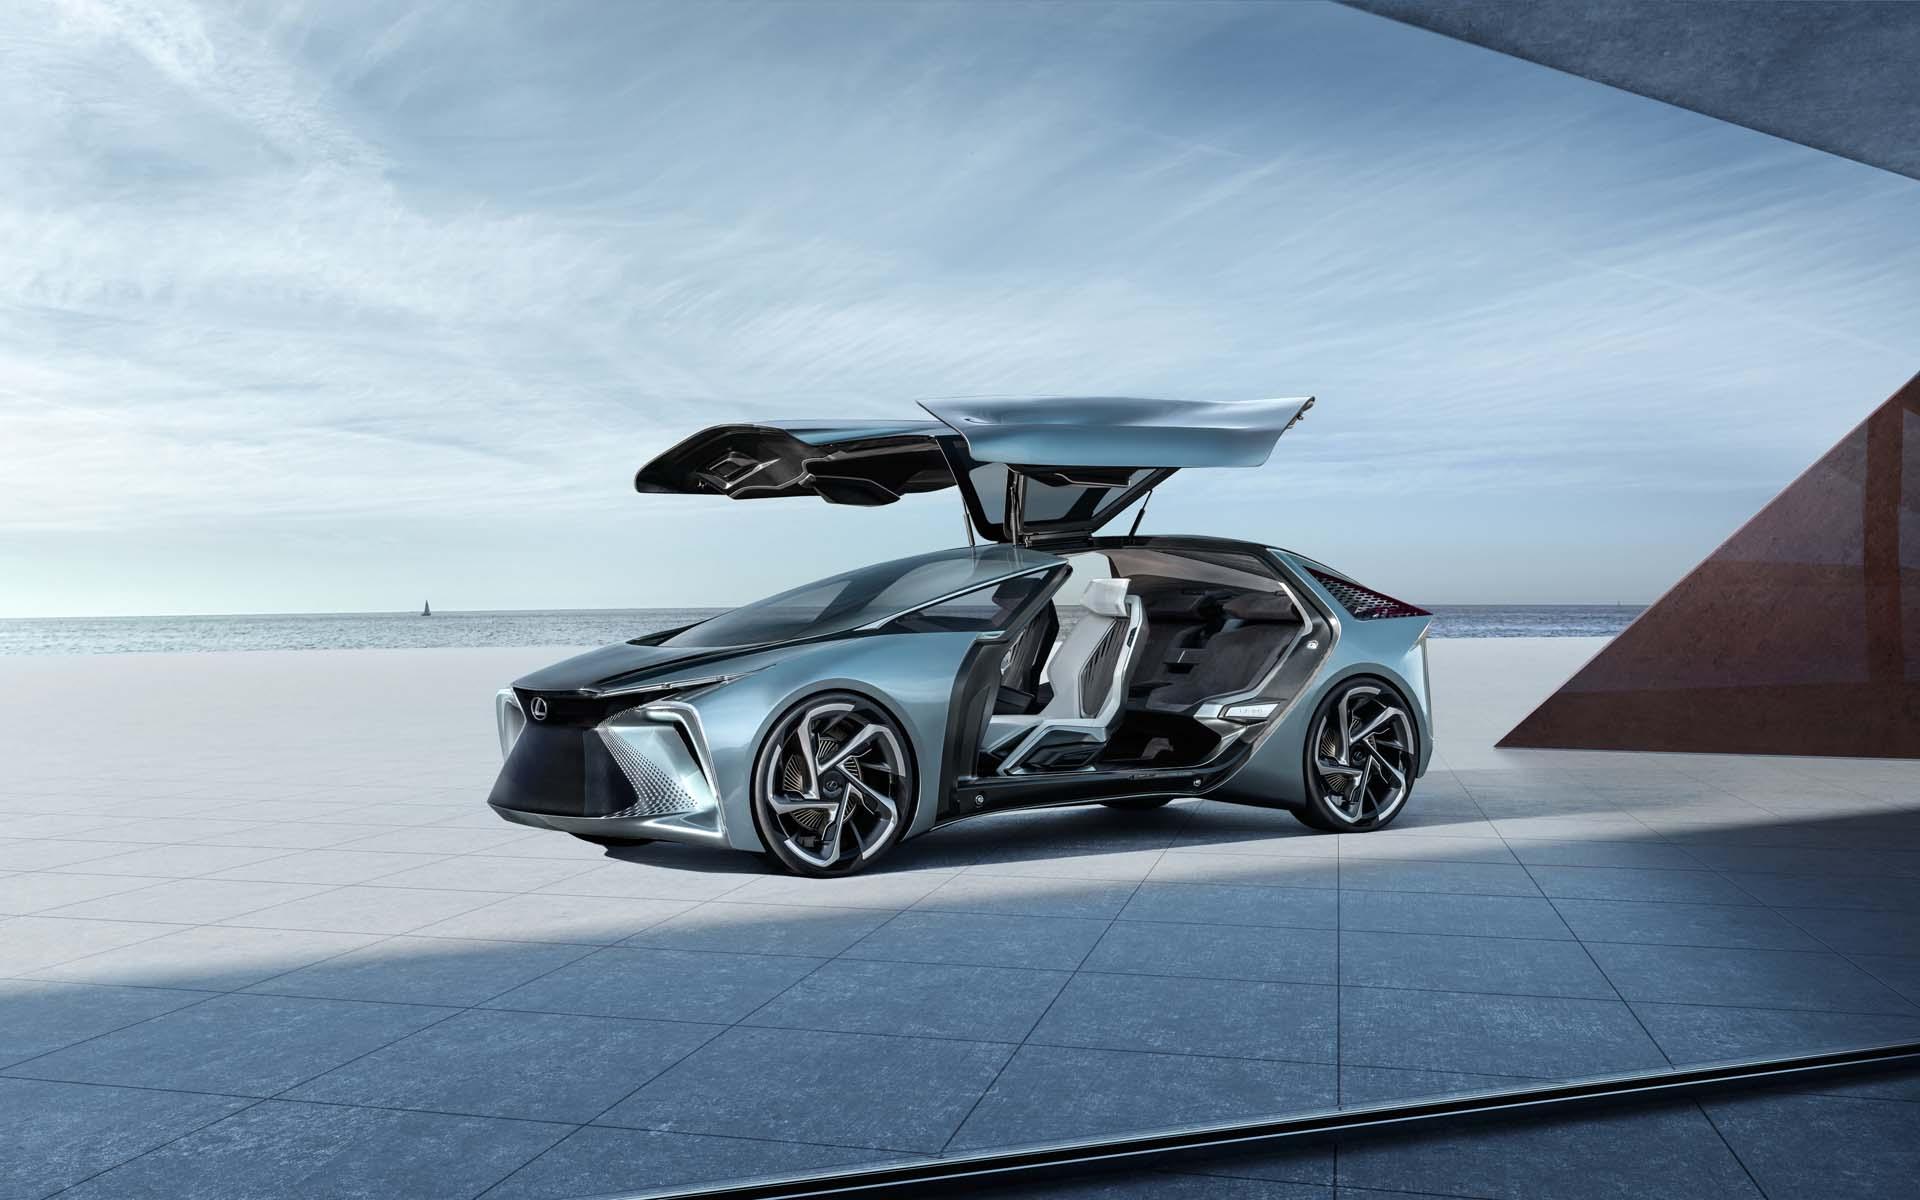 Lexus Lf 30 Electrified Is A 536 Horsepower Ev With Gullwing Doors In Wheel Motors